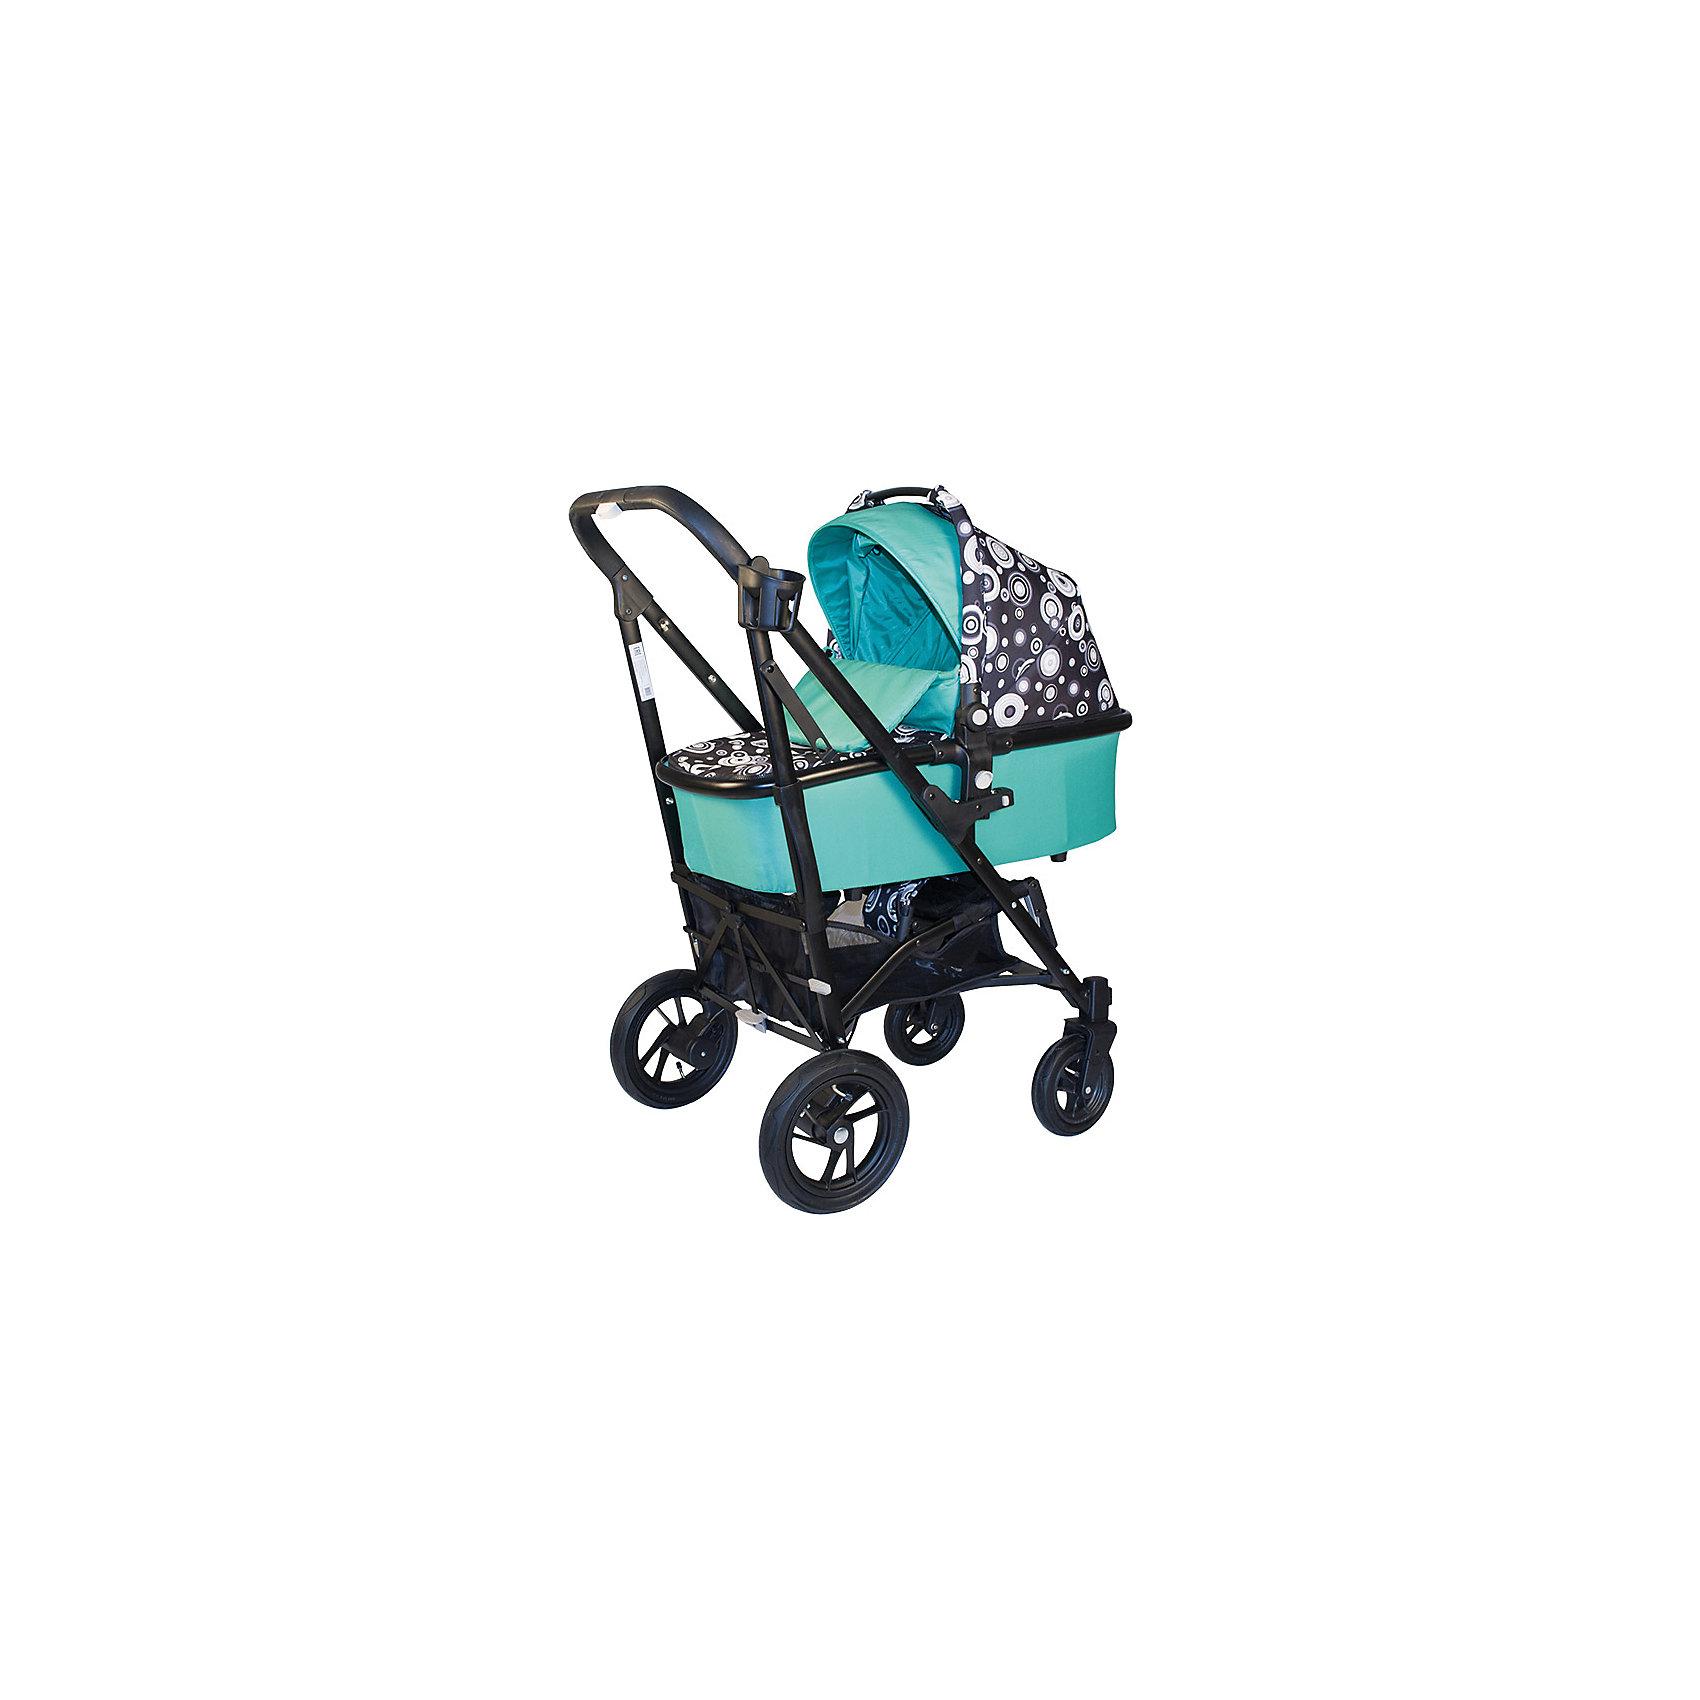 Коляска-трость 2-в-1 DRIVE 2, Baby Hit, черный/зеленыйУниверсальная модульная коляска Babyhit Drive2 <br><br>Коляска Drive представляет собой уникальное сочетание рамы с механизмом складывания по типу коляски-трости с надувными резиновыми колесами.<br>Основа коляски BabyHit Drive - это современная алюминиевая рама, которая обеспечивает достаточную легкость коляски при сохранении прочности конструкции. Механизм складывания коляски выполнен как у обычной коляски-трость, когда колеса при складывании разъезжаются в разные стороны. Такое складывание обеспечивает наиболее компактные размеры коляски в сложенном виде. Благодаря компактному типу складывания, коляска легко помещается в багажник автомобиля и не займет много места даже в небольшом помещении <br><br><br>Характеристика:<br><br>Люлька с ручкой переноской (размер спального места 75 х 34 см)<br>Рама складывается как коляска-трость<br>Капюшон «батискаф» на прогулочном сиденье и люльке<br>Съемный поручень прогулочного сидения<br>Регулируемая спинка прогулочного блока (положение «лежа»)<br>Колеса надувные: диаметр передних 18 см, диаметр задних 25 см<br>Передние поворотные колеса с фиксацией в положении «прямо»<br>Система амортизации на всех колесах<br>Багажная корзина<br>В комплекте:<br>2 полога, москитная сетка, дождевик, подстаканник, насос.<br><br>Вес коляски с прогулочным блоком: 11 кг<br>Вес коляски с люлькой: 13,5 кг<br><br>Ширина мм: 460<br>Глубина мм: 255<br>Высота мм: 970<br>Вес г: 17300<br>Возраст от месяцев: 0<br>Возраст до месяцев: 36<br>Пол: Унисекс<br>Возраст: Детский<br>SKU: 4703028